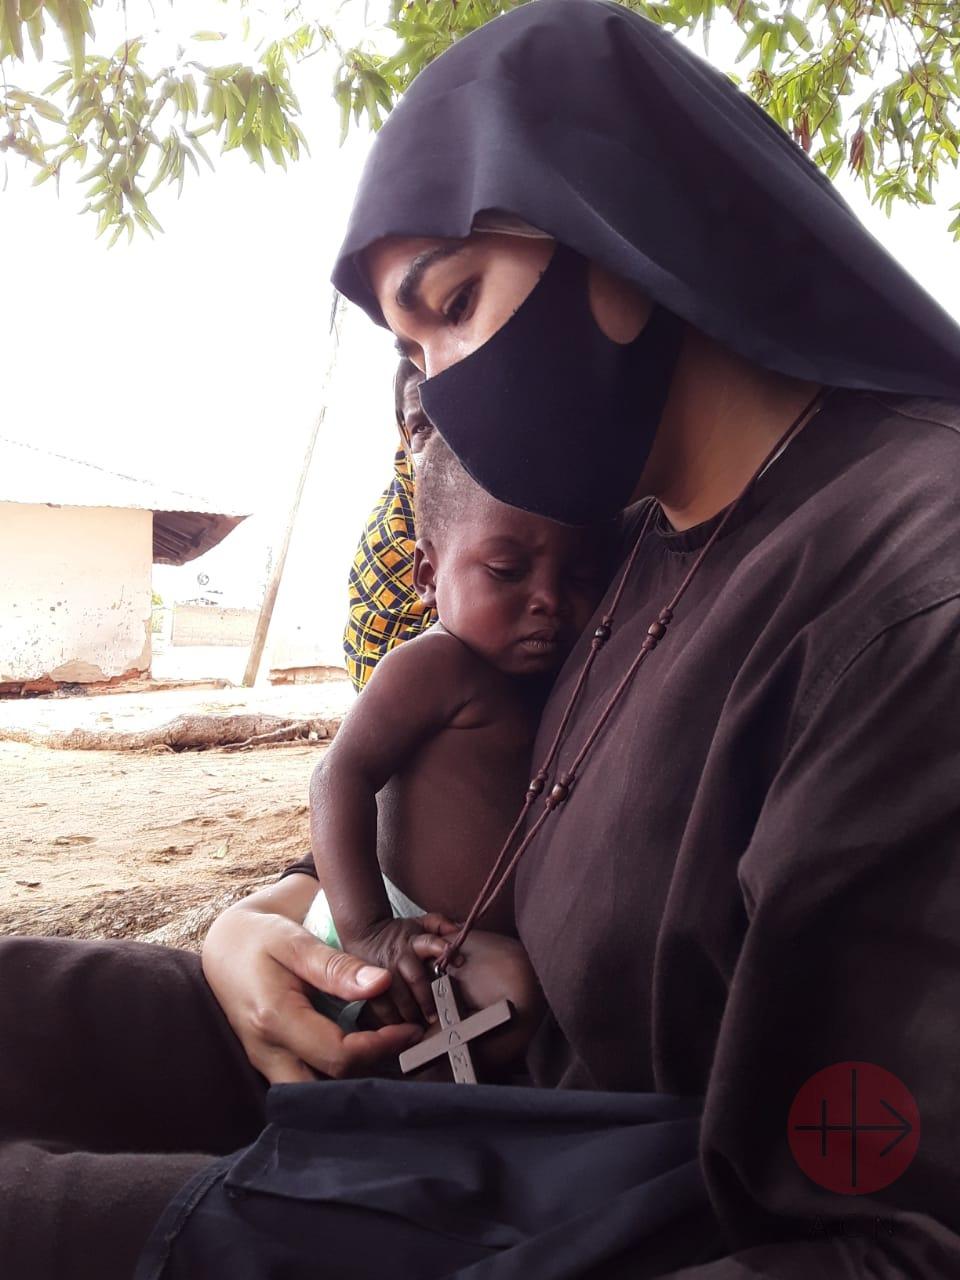 Mozambique religiosa consuela a niño pequeño